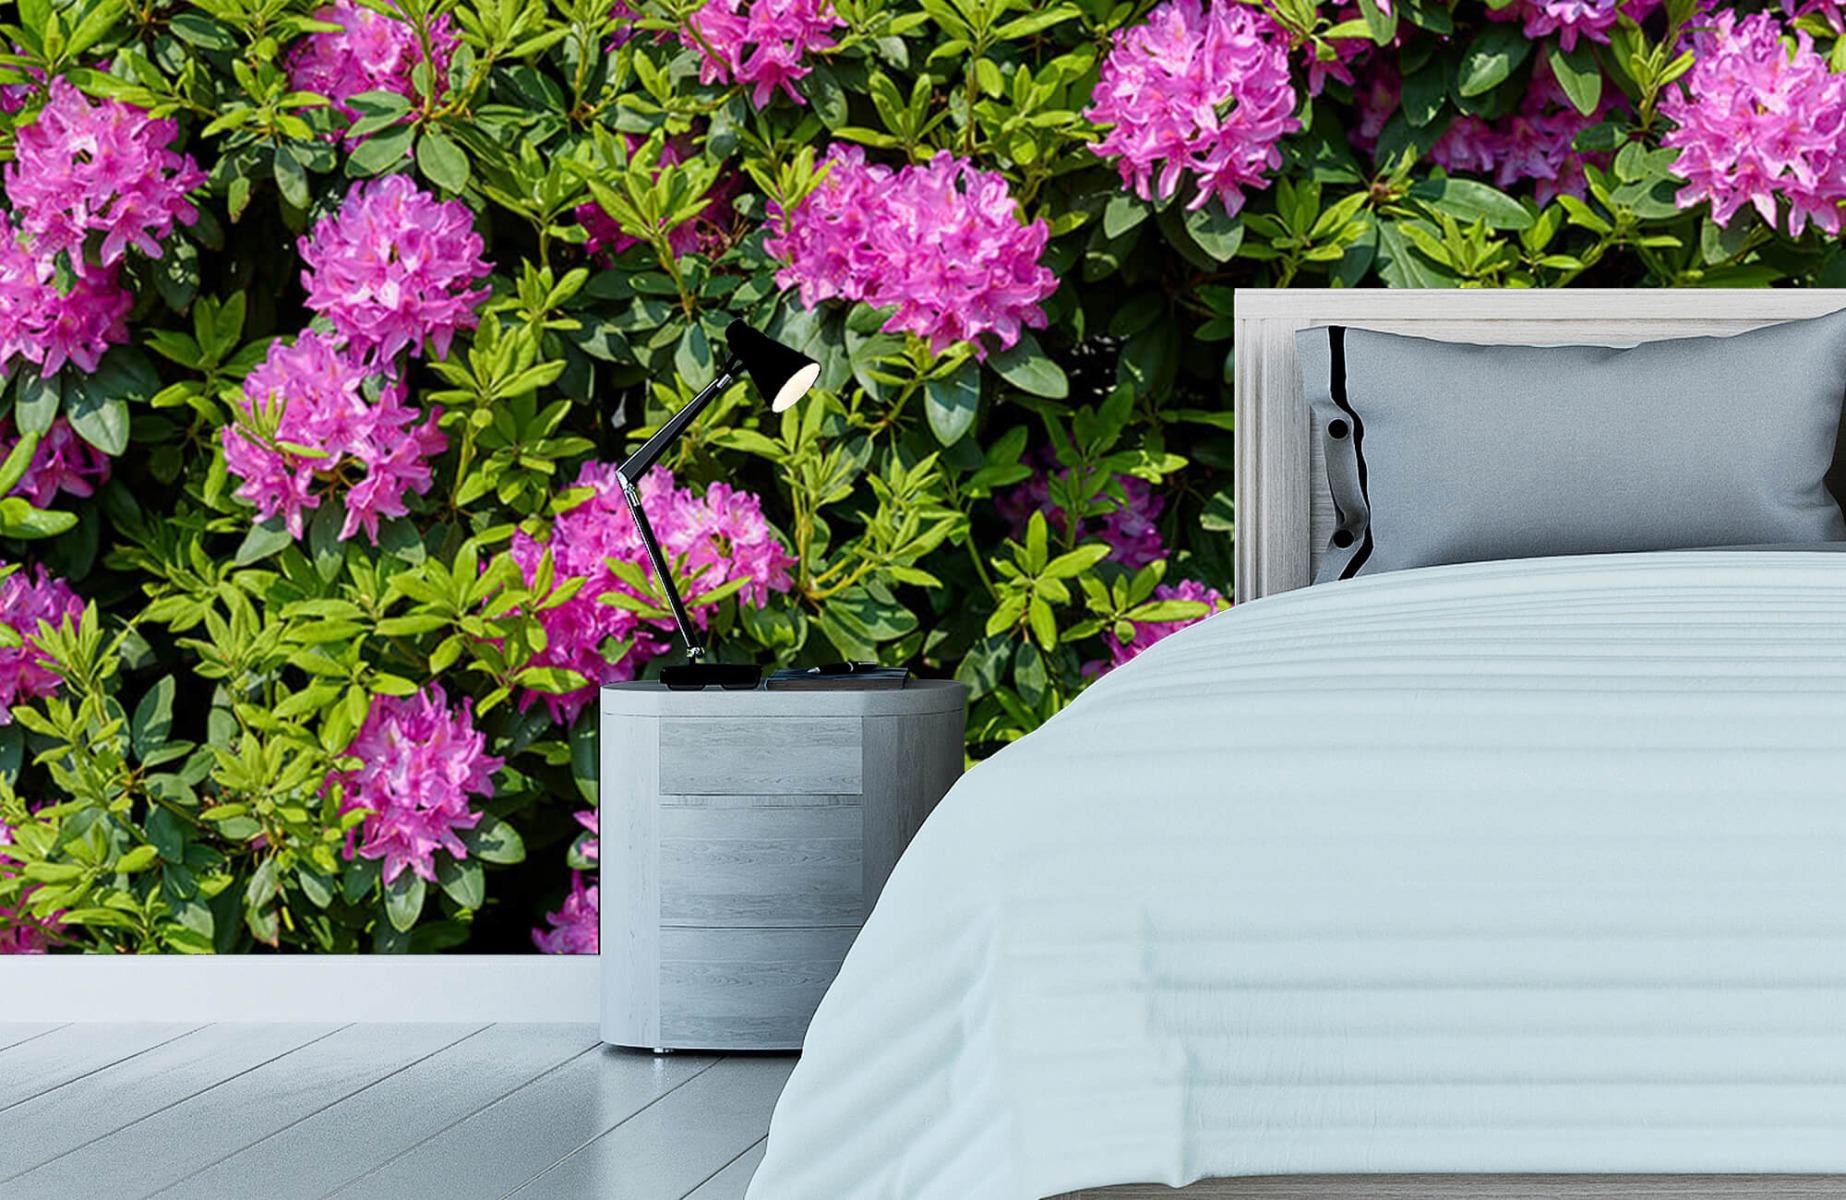 Bloemenvelden - Grote muur van rododendrons - Wallexclusive - Woonkamer 13